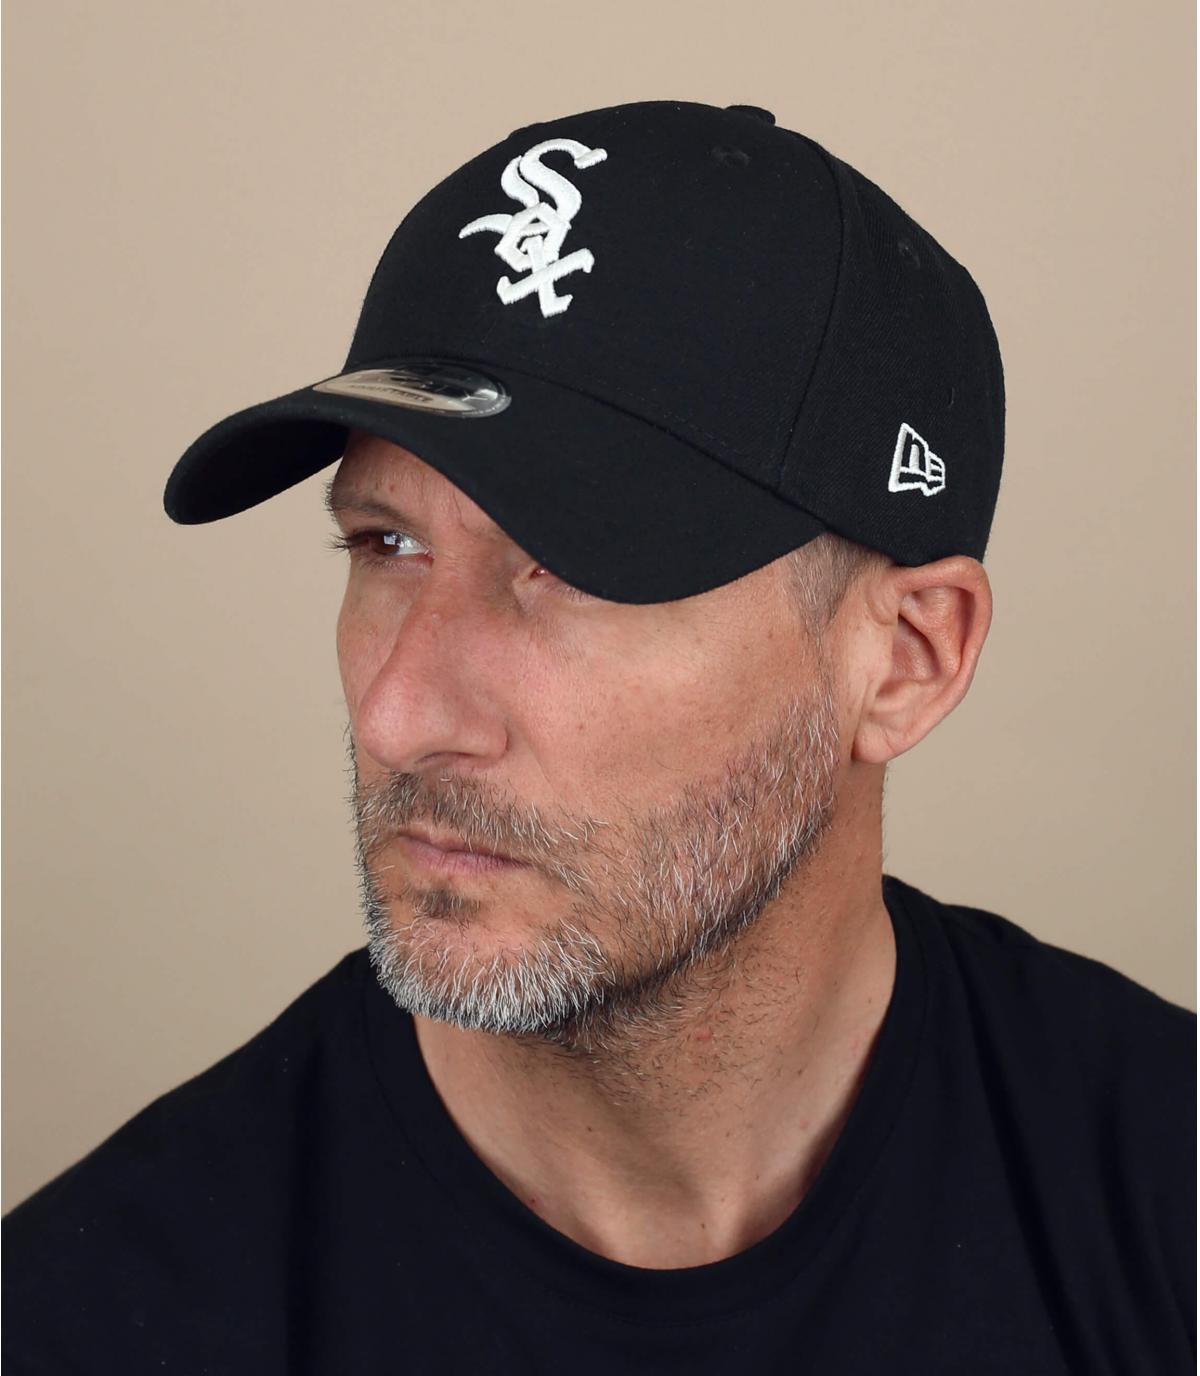 Sox baseball cap